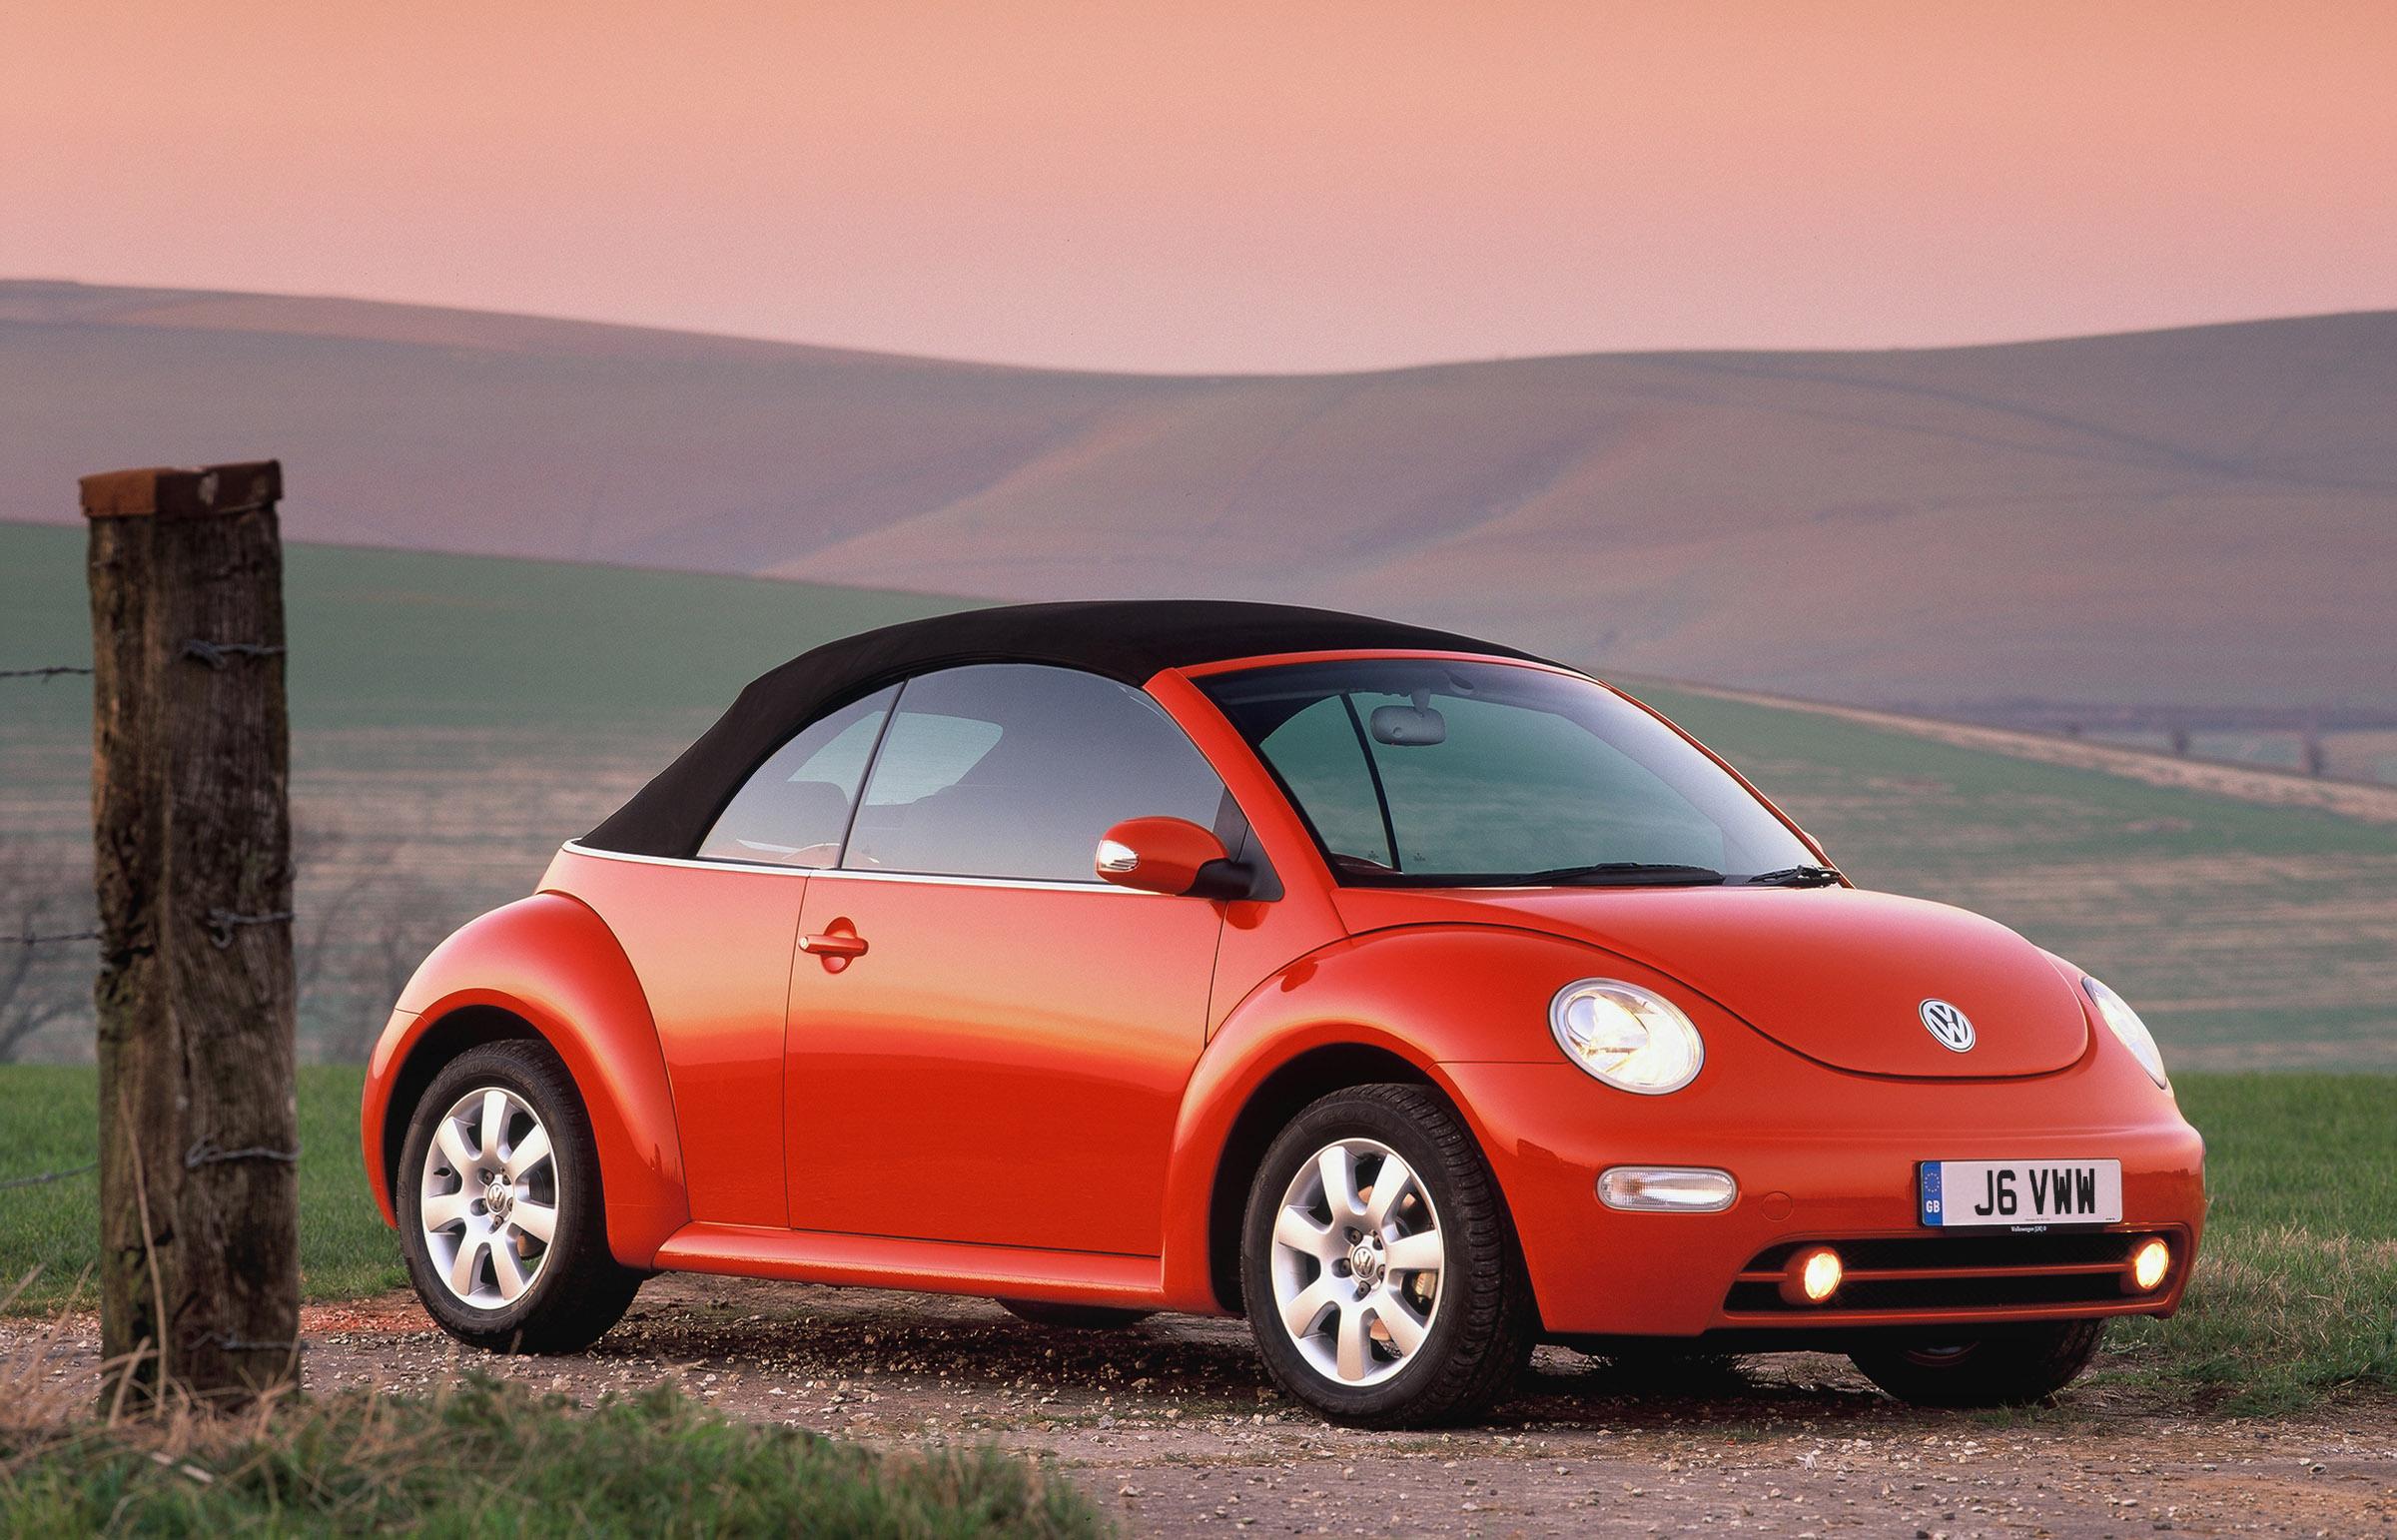 2005 Volkswagen Beetle Cabriolet - Picture 71774